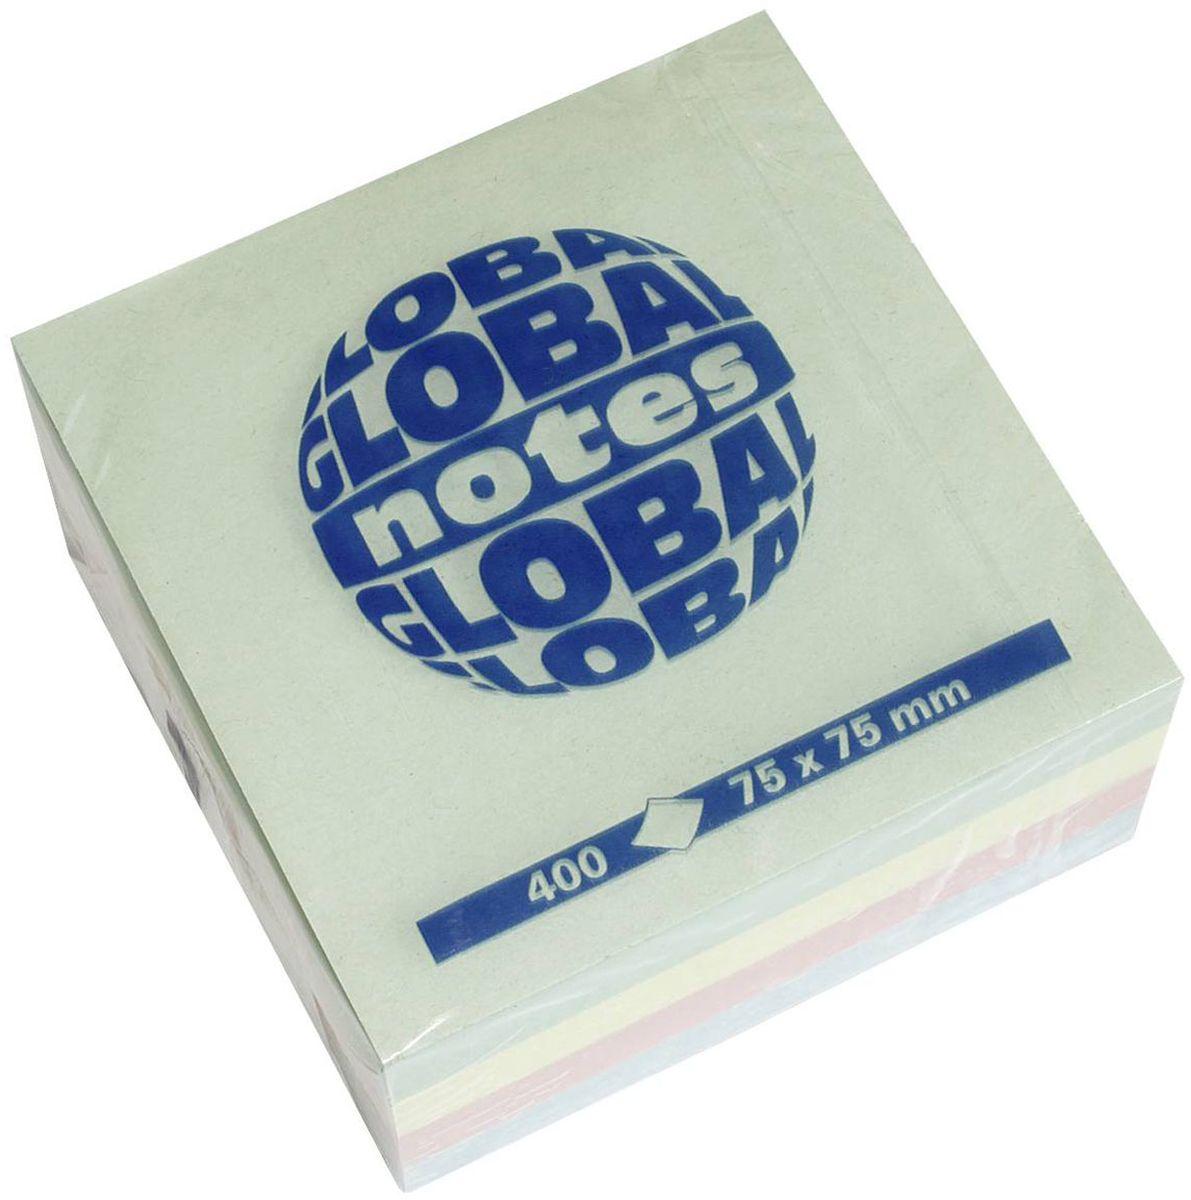 Global Notes Бумага для заметок с липким слоем Радуга 400 листов20104404-х цветная яркая. В блоке бумажки ярко-розового, желтого, голубого и зеленого цвета. Размер 75х75 мм. В блоке 400 листовПлотность бумаги 70гр/м2